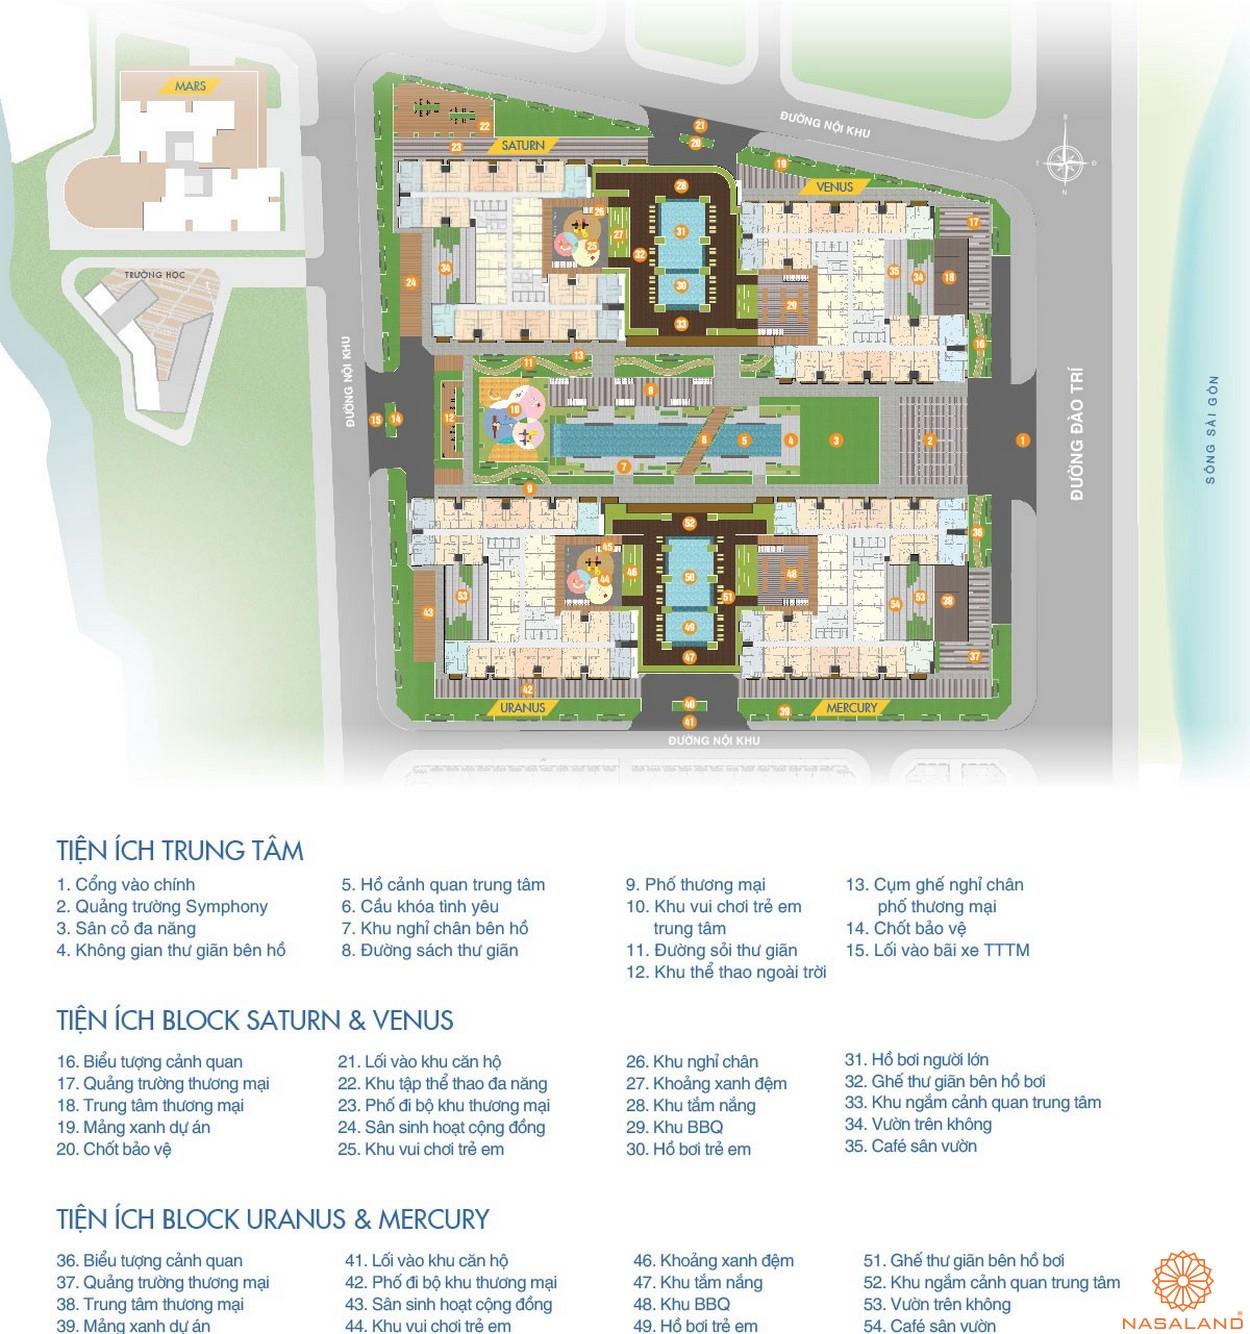 Sơ đồ tiện ích dự án căn hộ Q7 Saigon Riverside Complex quận 7